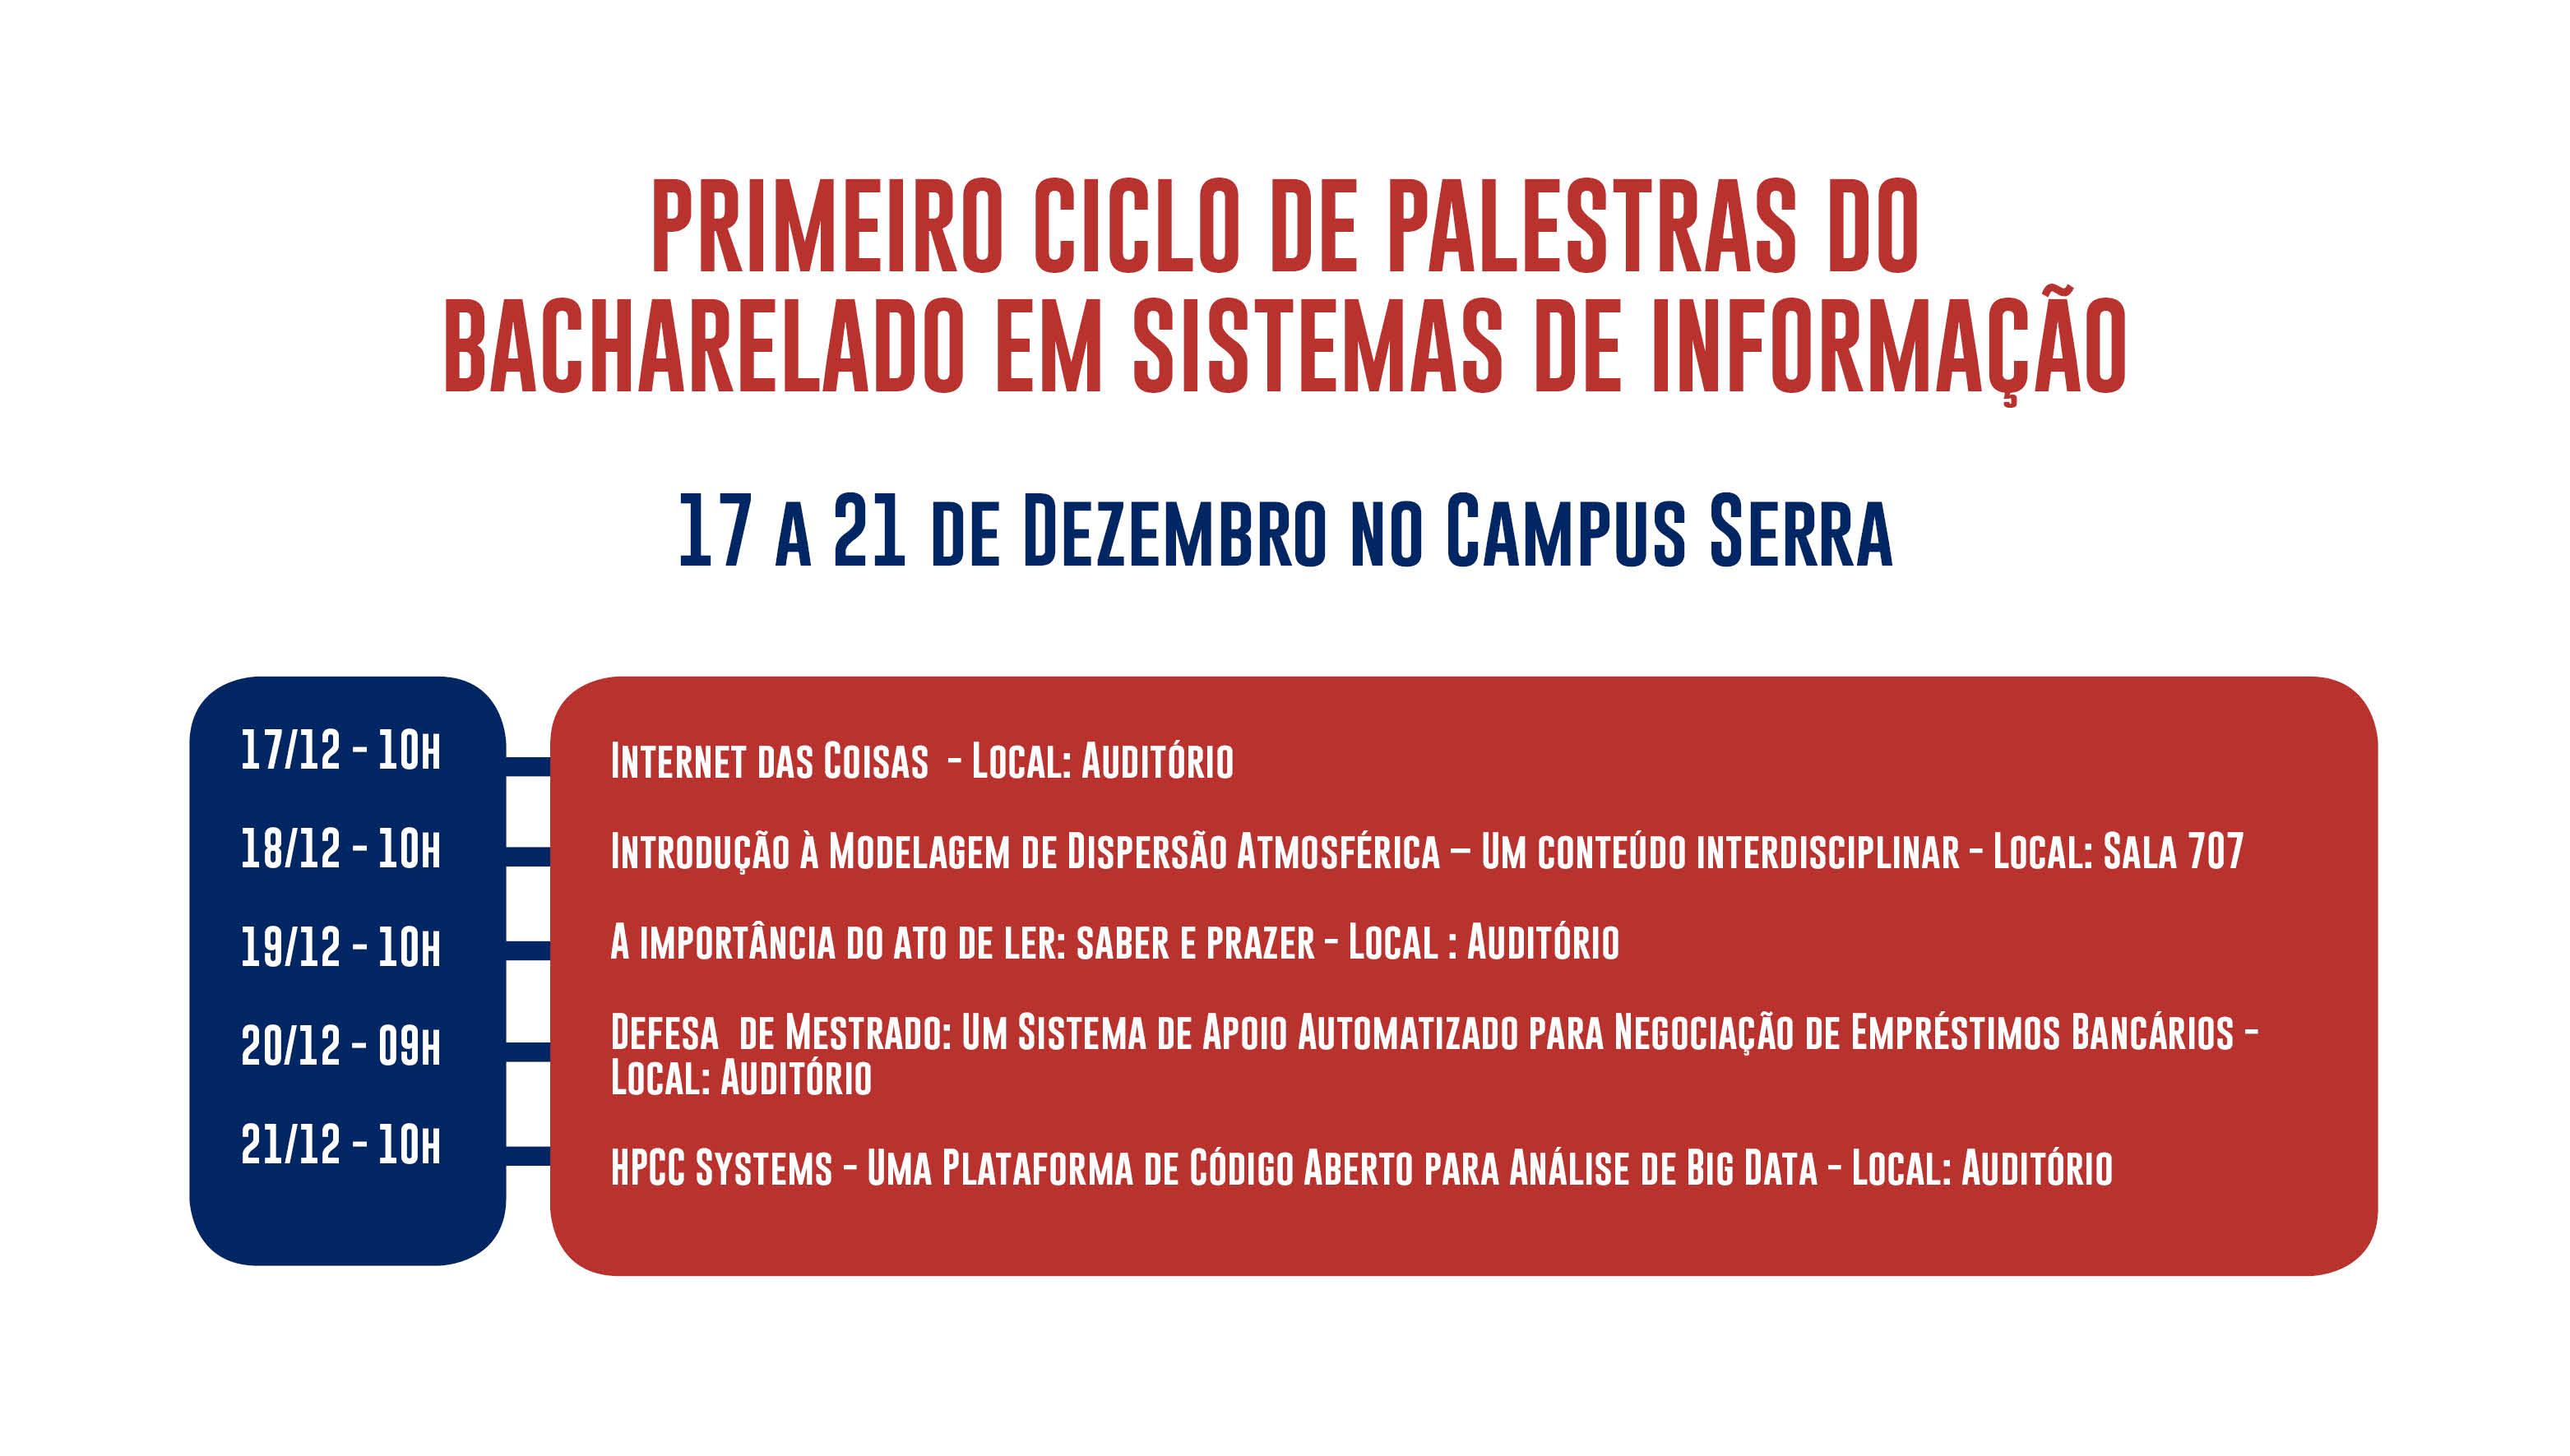 Primeiro ciclo de palestras do curso de BSI acontece de 17 a 21 de dezembro